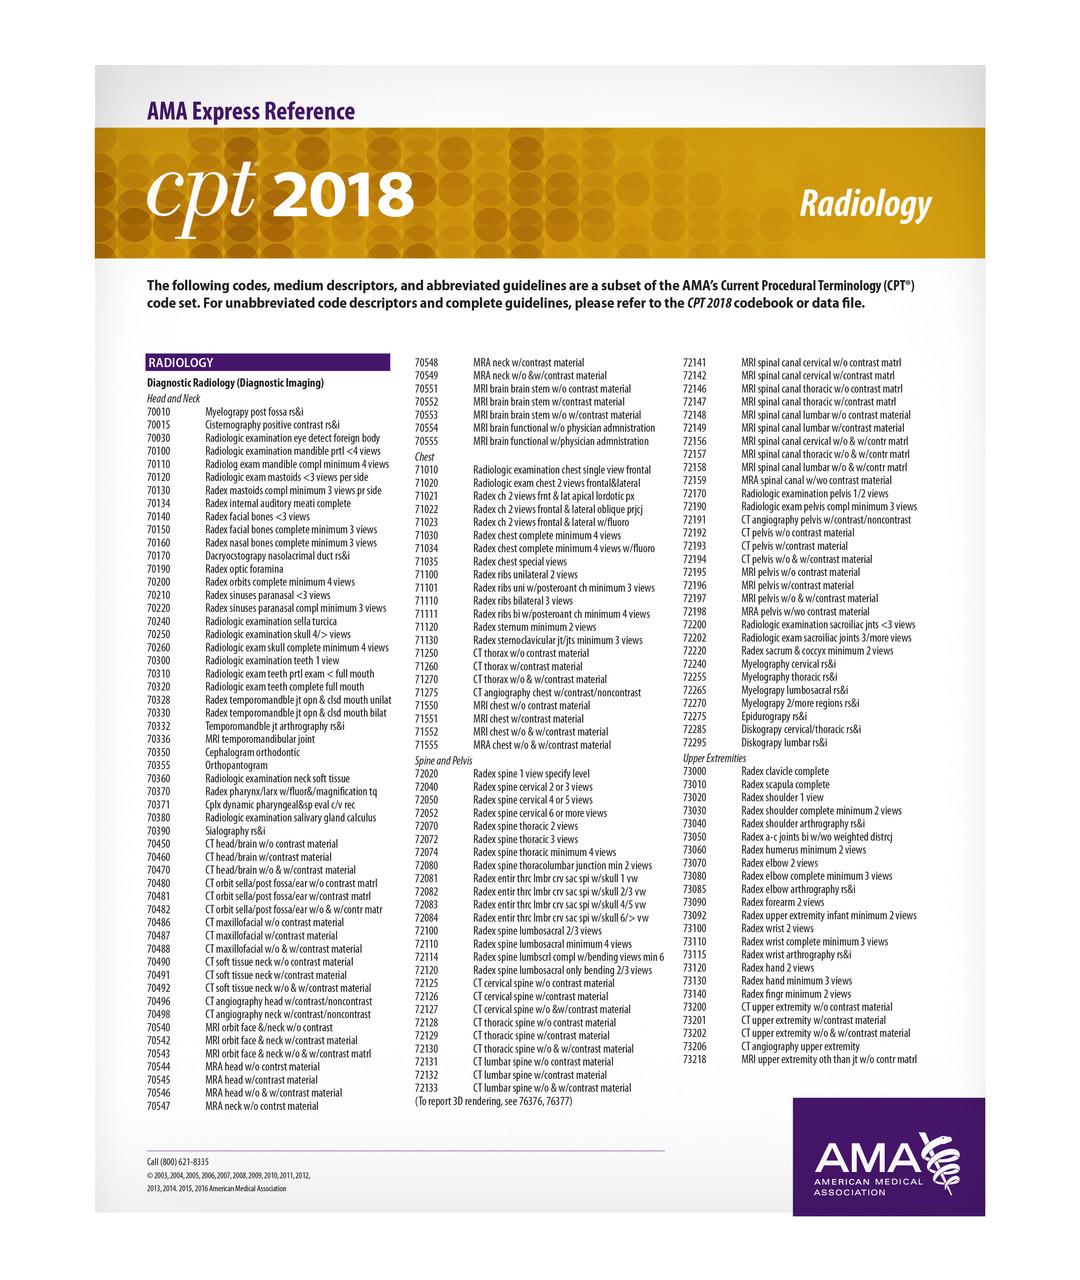 mri cpt codes 2019